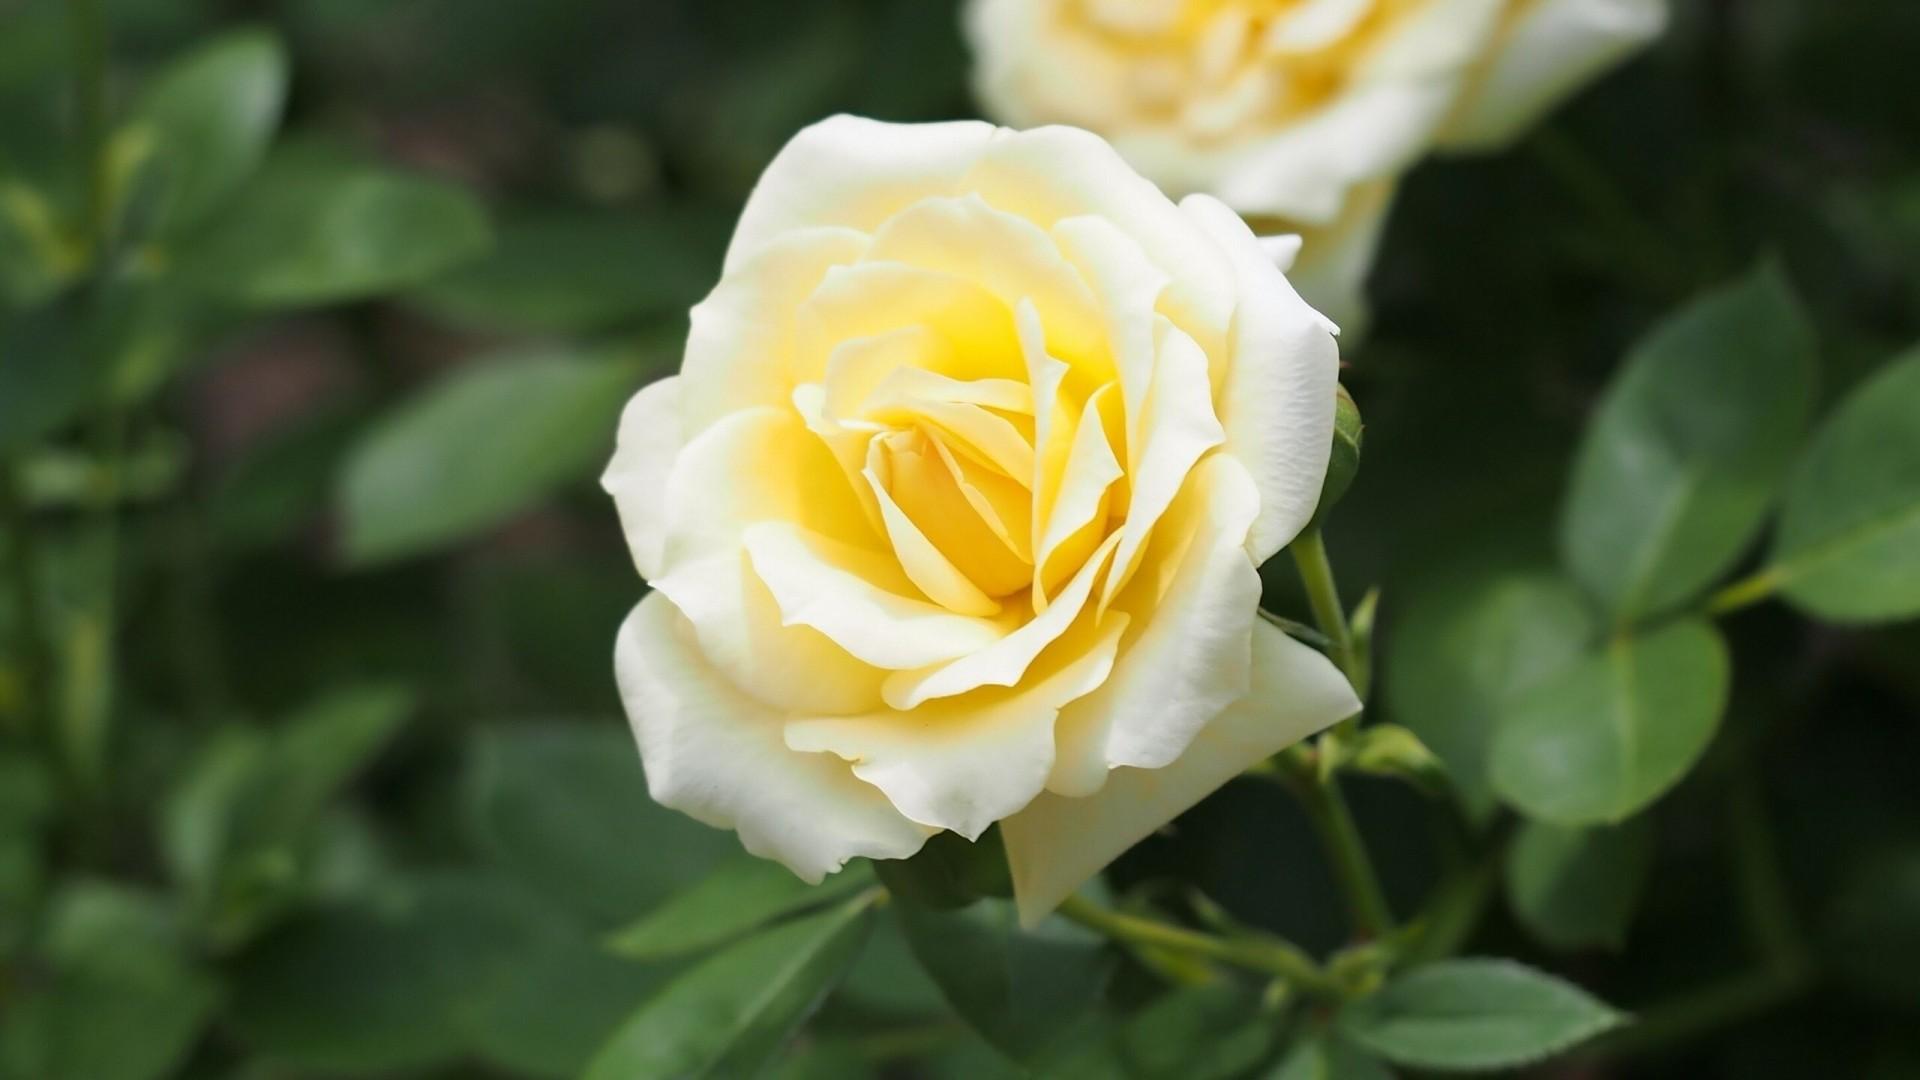 White Rose Flower Garden Wallpaper White Roses in The Garden